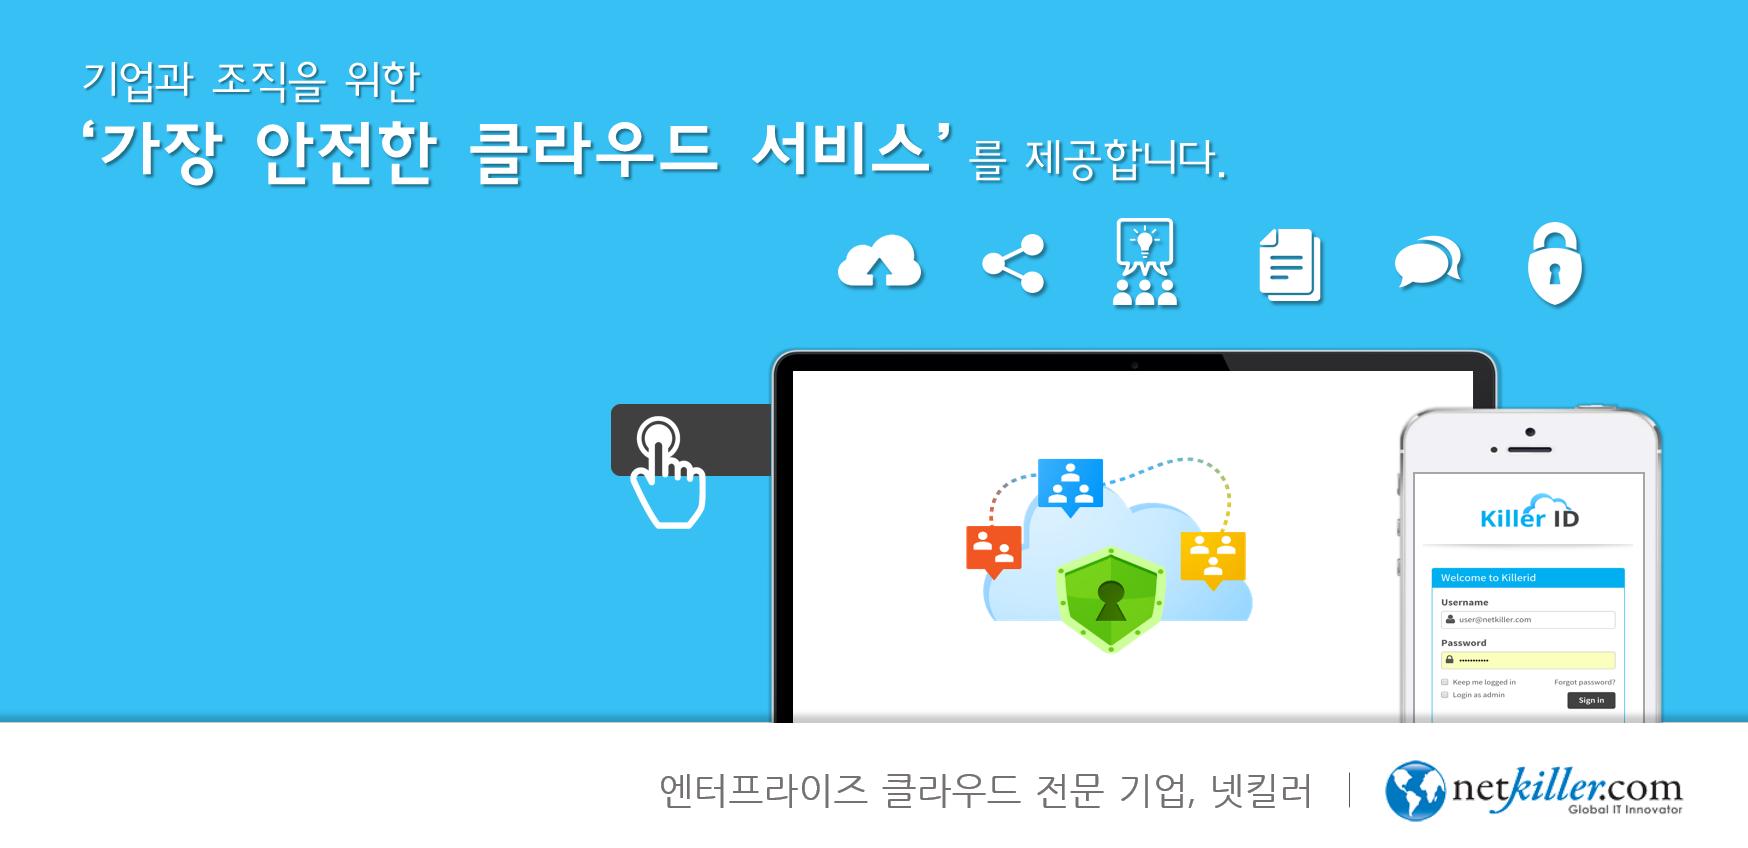 넷킬러 소개